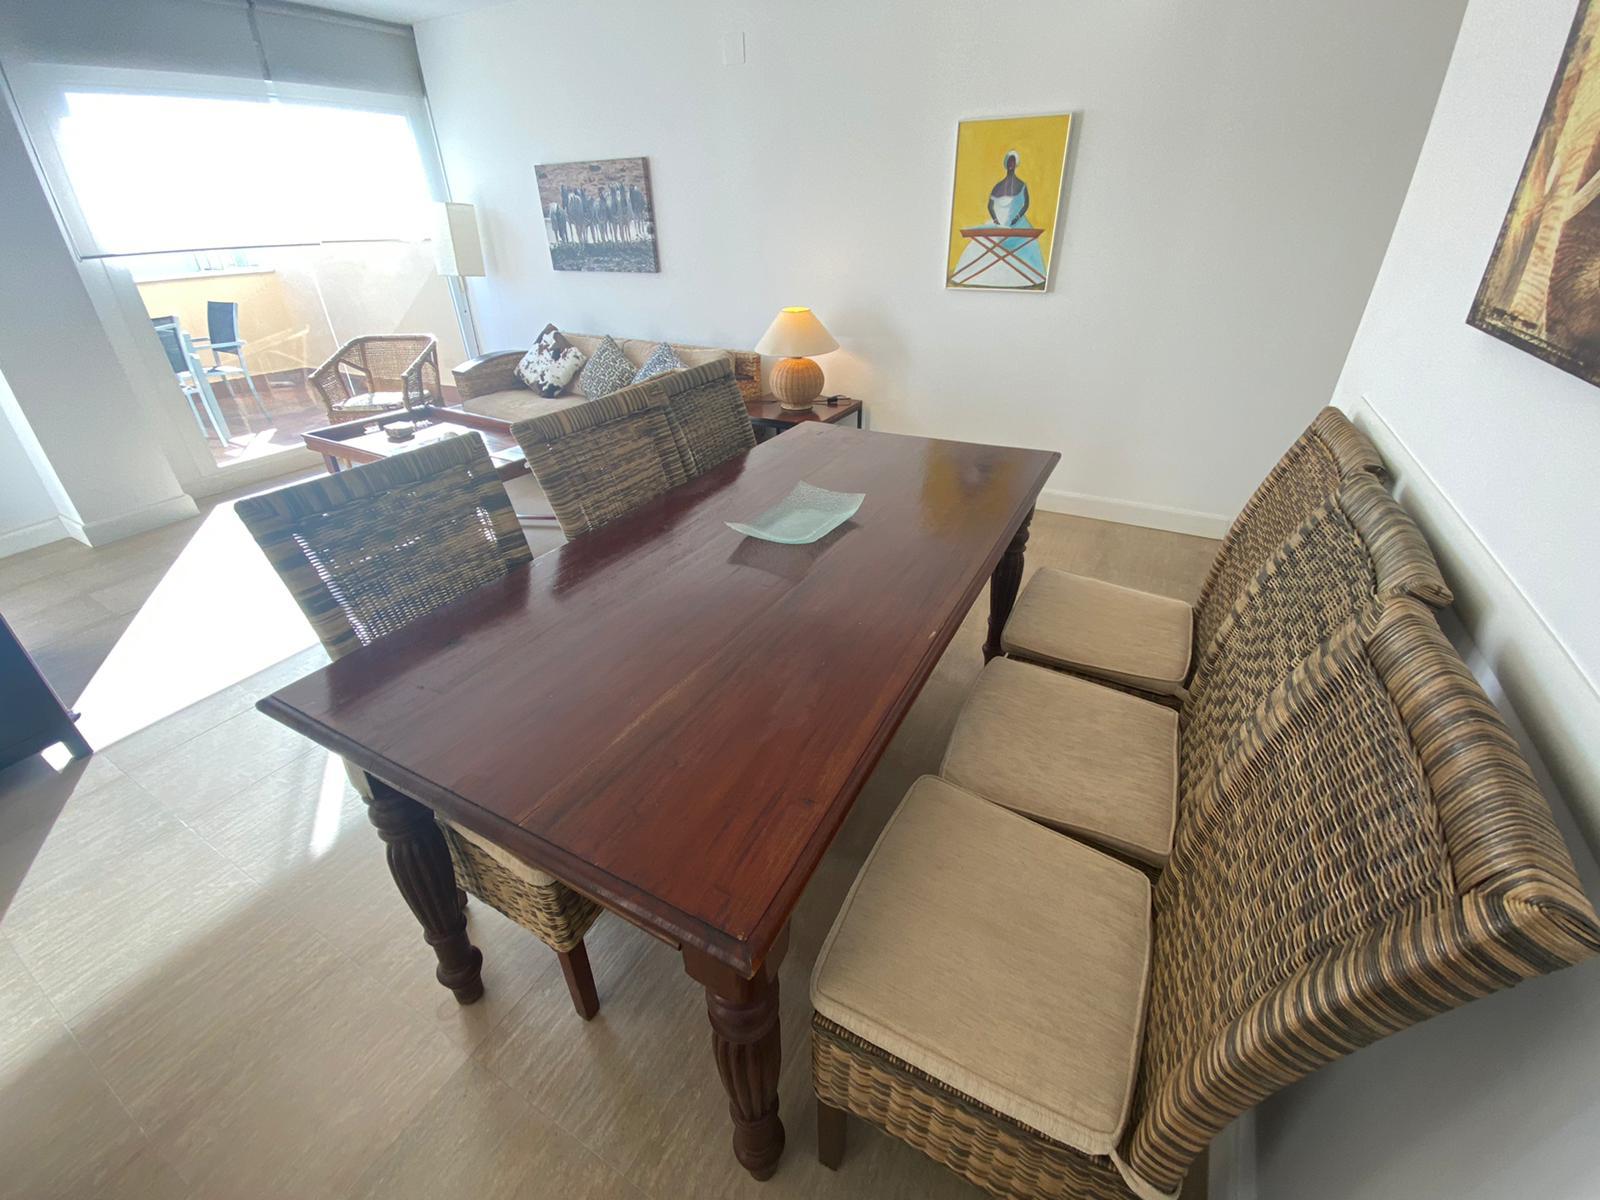 Imagen 3 del Apartamento Turístico, Ático 1 Levante (3d+2b), Punta del Moral (HUELVA), Paseo de la Cruz nº22